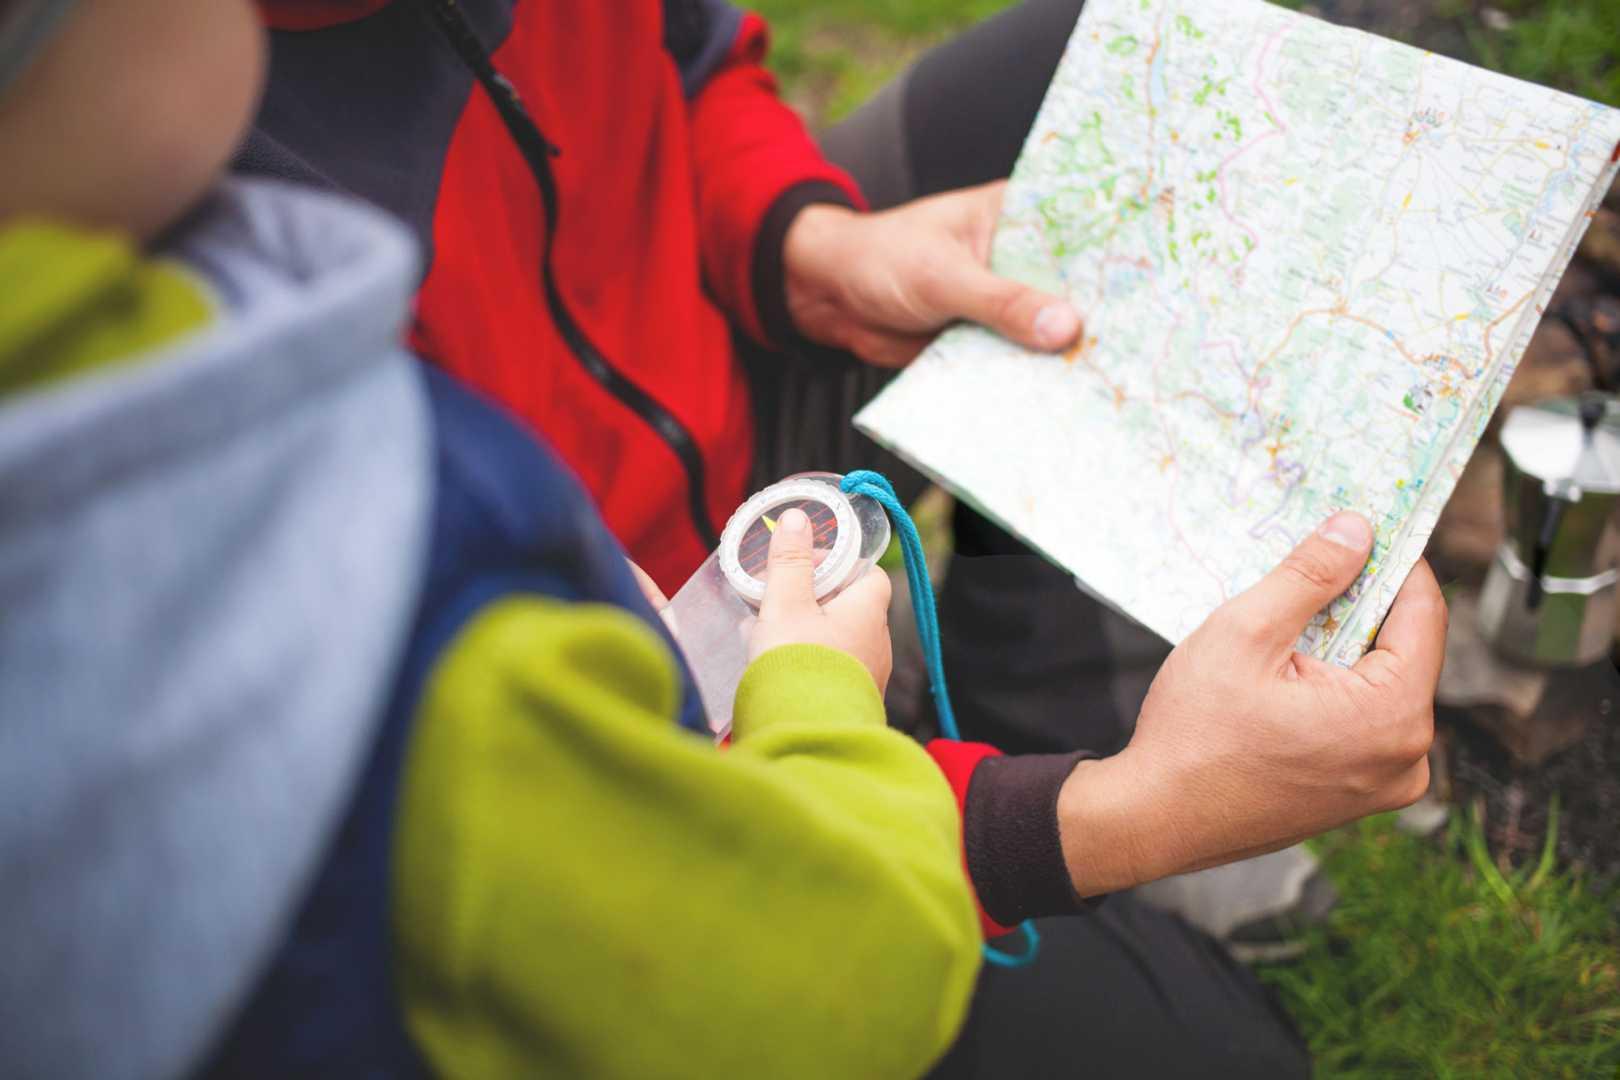 Kind beim Wandern mit Kompass in der Hand schaut auf eine Karte, die von einer anderen Person gehalten wird.